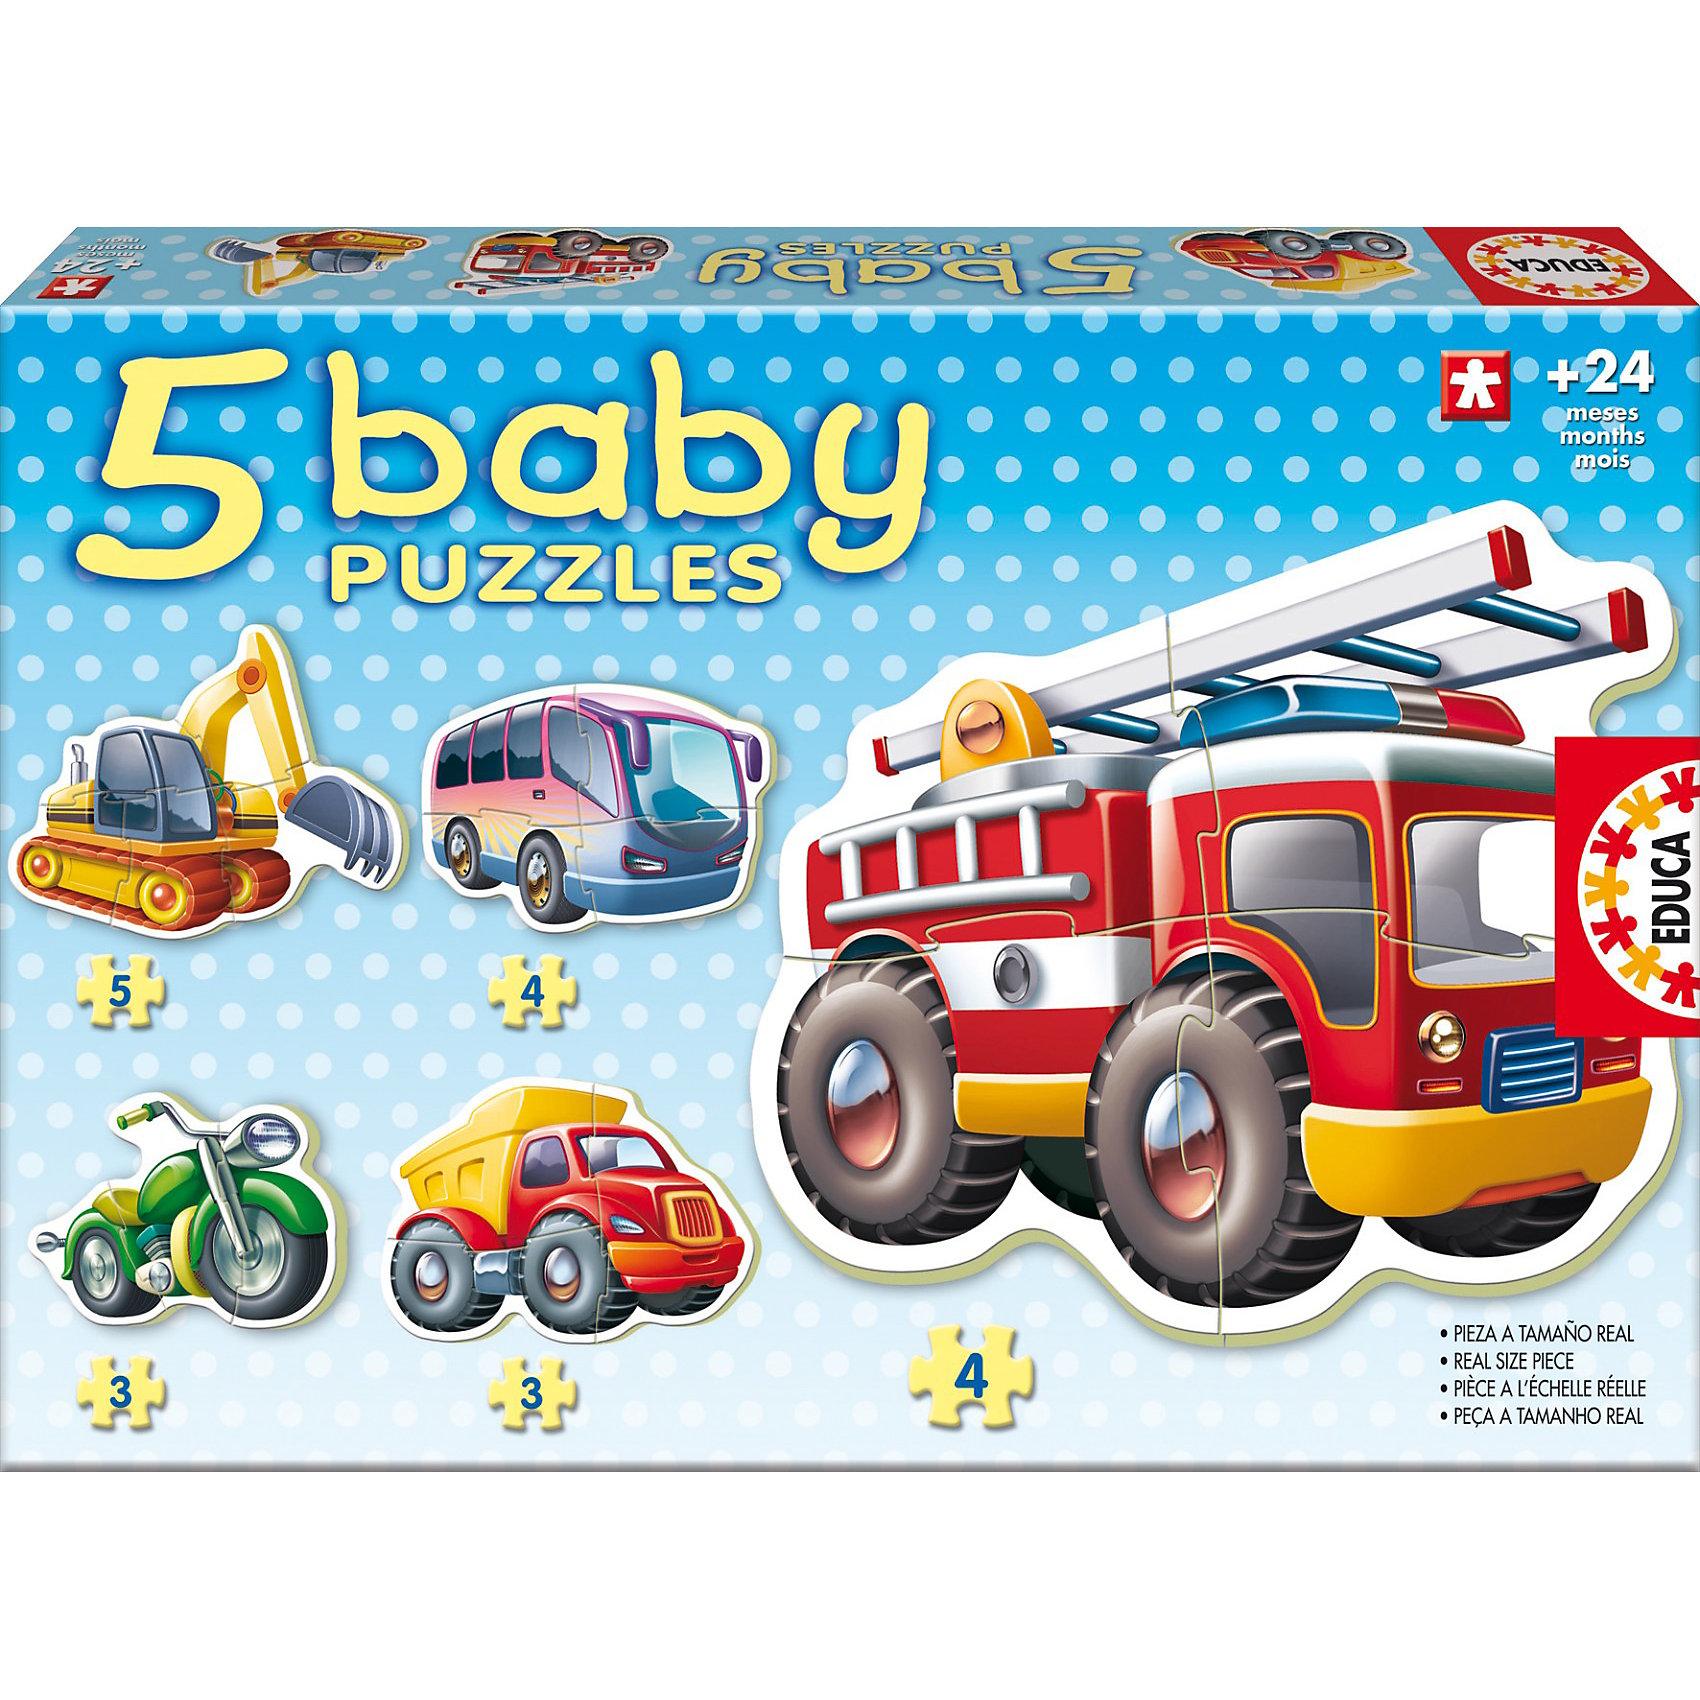 Пазл Транспорт, EducaПазлы для малышей<br>Пазл Транспорт, Educa<br><br>Характеристики:<br><br>• В набор входит: 5 пазлов по 3-4 детали<br>• Количество деталей: 19 шт.<br>• Размер упаковки: 31 * 4,5 * 21 см.<br>• Состав: картон<br>• Вес: 650 г.<br>• Для детей в возрасте: от 2 до 4 лет<br>• Страна производитель: Испания<br><br>Крупные детали пазла отлично собираются, ребёнок сможет выучить названия транспортных средств, которые можно увидеть в городе. Разные транспортные средства состоят из разного количества деталей, например экскаватор разбит на пять кусочков, а мотоцикл и самосвал на три, это делает сборку пазле ещё интереснее. Целых пять ярких пазлов дадут возможность узнавать новые слова, расширить кругозор и активный словарь. <br><br>Пазл Транспорт, Educa можно купить в нашем интернет-магазине.<br><br>Ширина мм: 323<br>Глубина мм: 220<br>Высота мм: 50<br>Вес г: 510<br>Возраст от месяцев: 24<br>Возраст до месяцев: 48<br>Пол: Унисекс<br>Возраст: Детский<br>Количество деталей: 5<br>SKU: 3297601